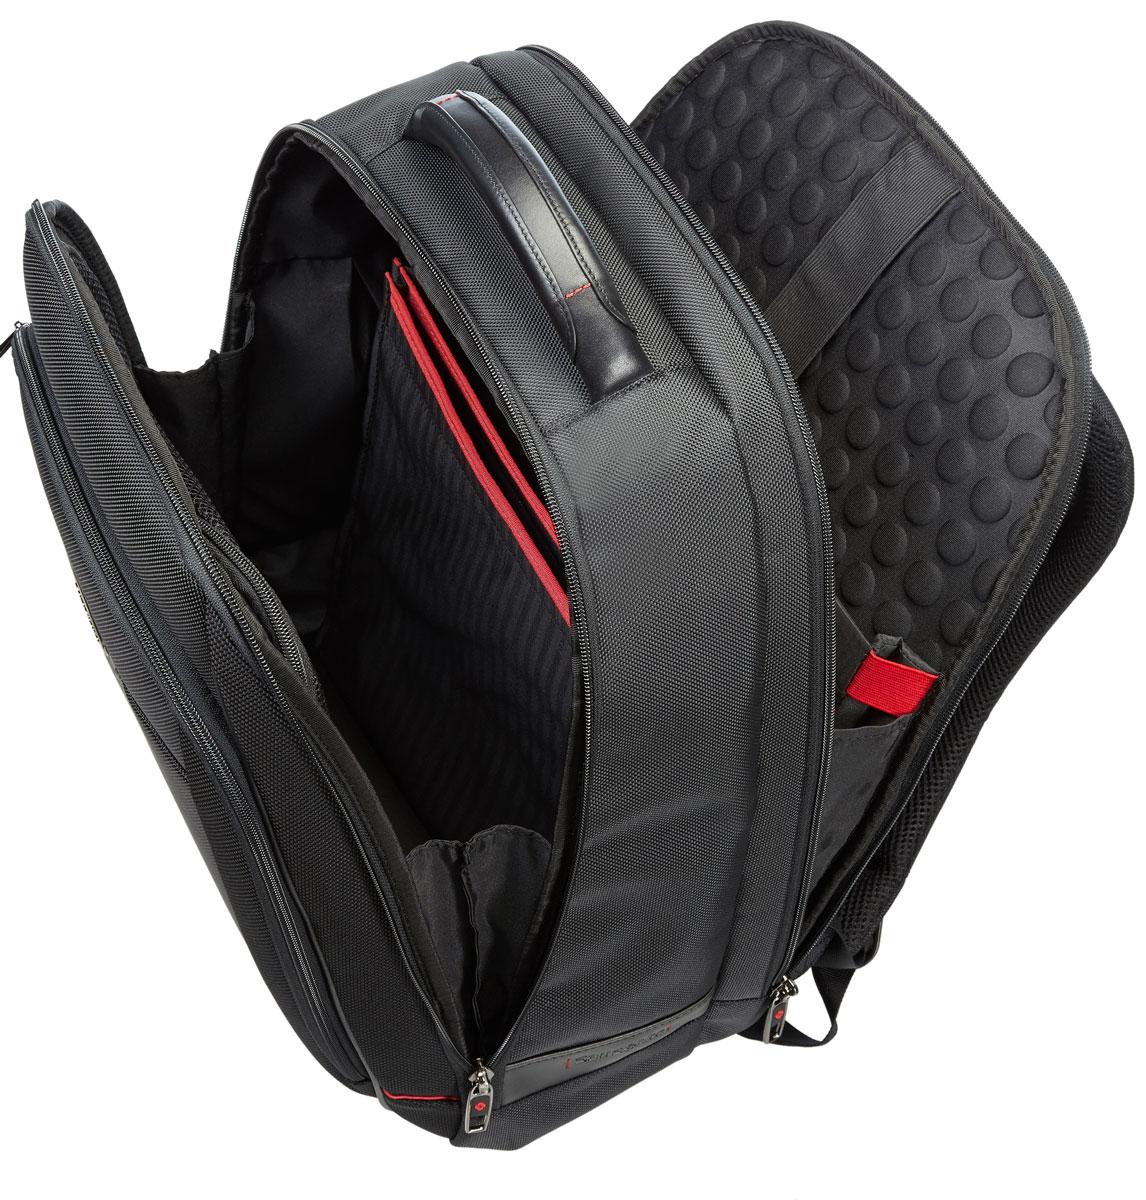 Рюкзак для ноутбука Samsonite Guardit, цвет: черный, 38 х 19 х 48 см35V*09007Рюкзак для ноутбука Samsonite Guardit до 16 изготовлен из полиэстера. Коллекция Guardit является идеальным решением для пользователей ноутбуков,объединяет в себе базовую функциональность с отличным внешним видом. Особенности коллекции: передний карман с внутренней организацией, умный карман, верхняя ручка с прокладкой из неопрена.Размер рюкзака: 38 х 19 х 48 см Объем рюкзака: 26,5 л.